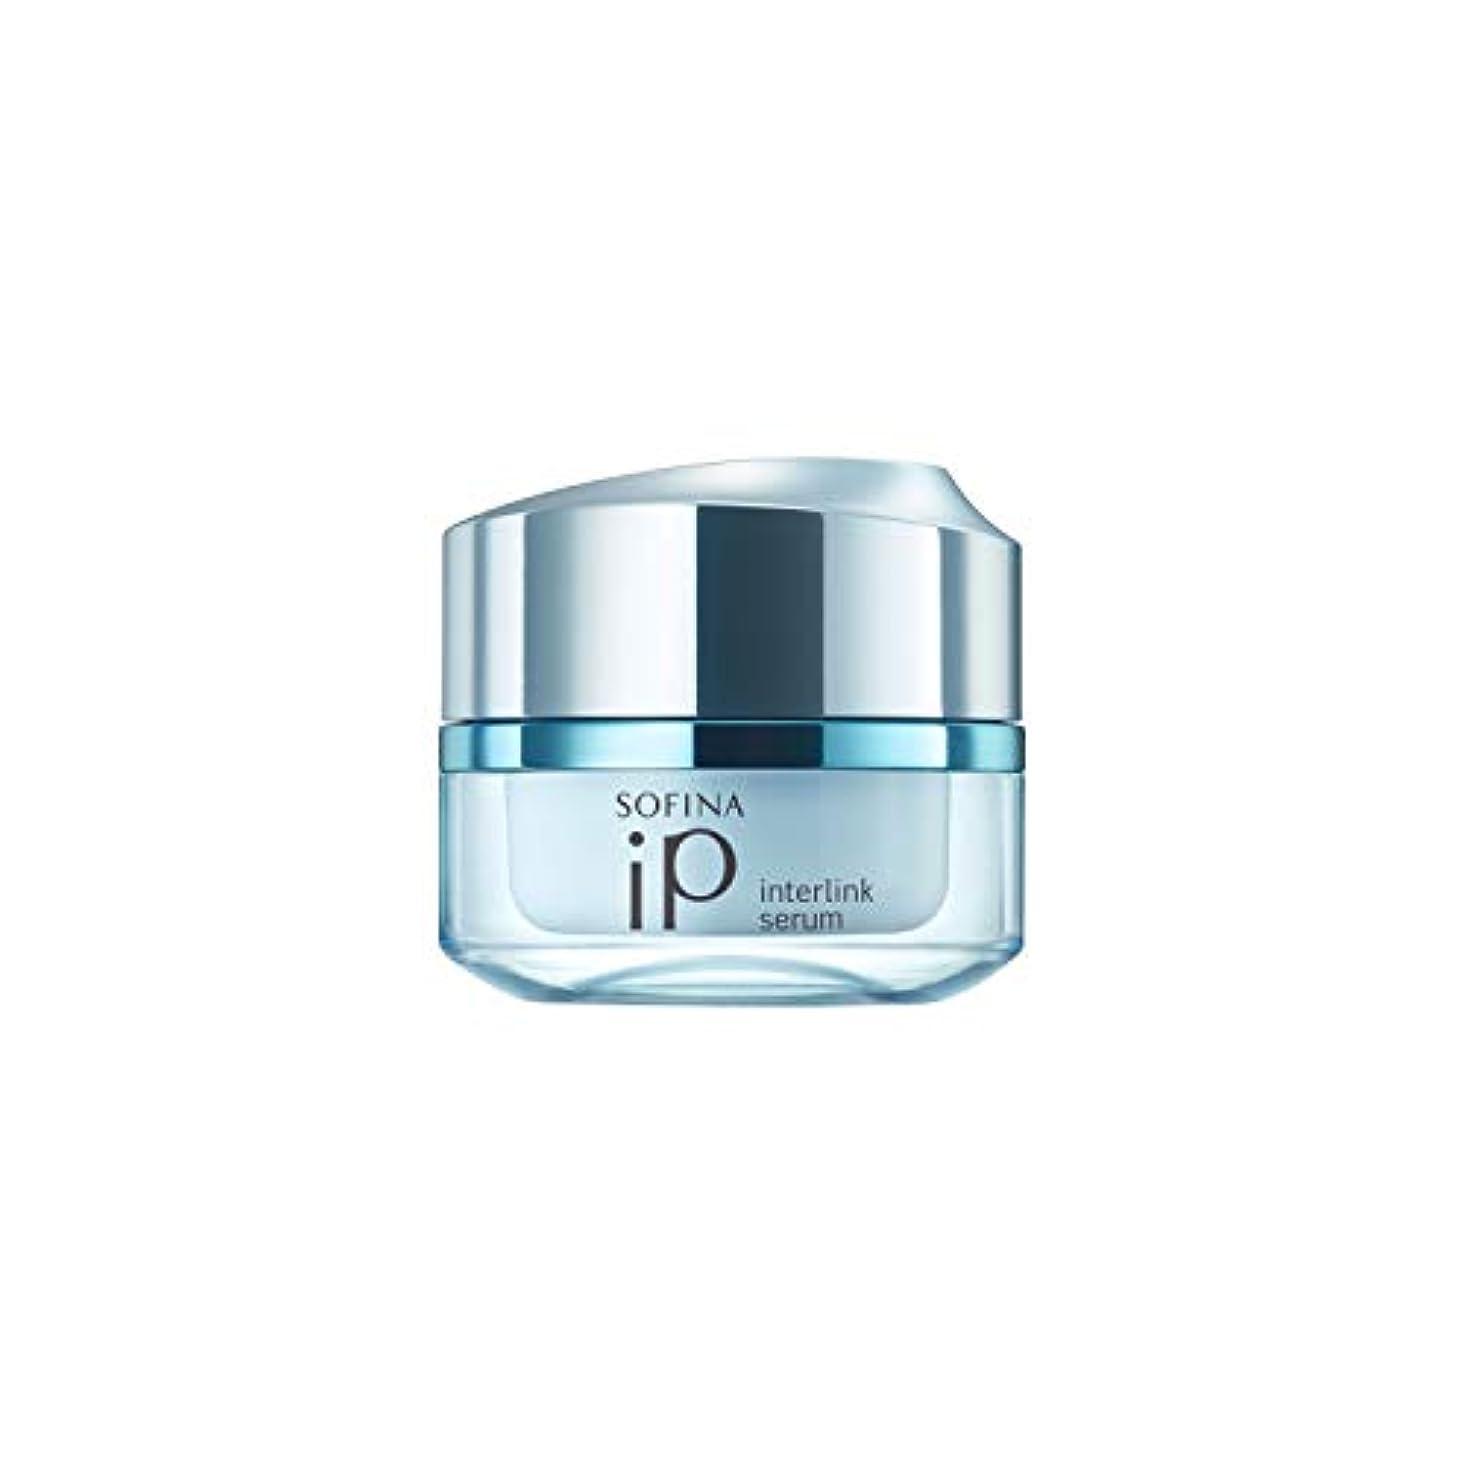 実験室すり減る気分が悪いソフィーナiP(アイピー) ソフィーナ iP インターリンク セラム うるおって弾むようなハリ肌へ 美容液 55g